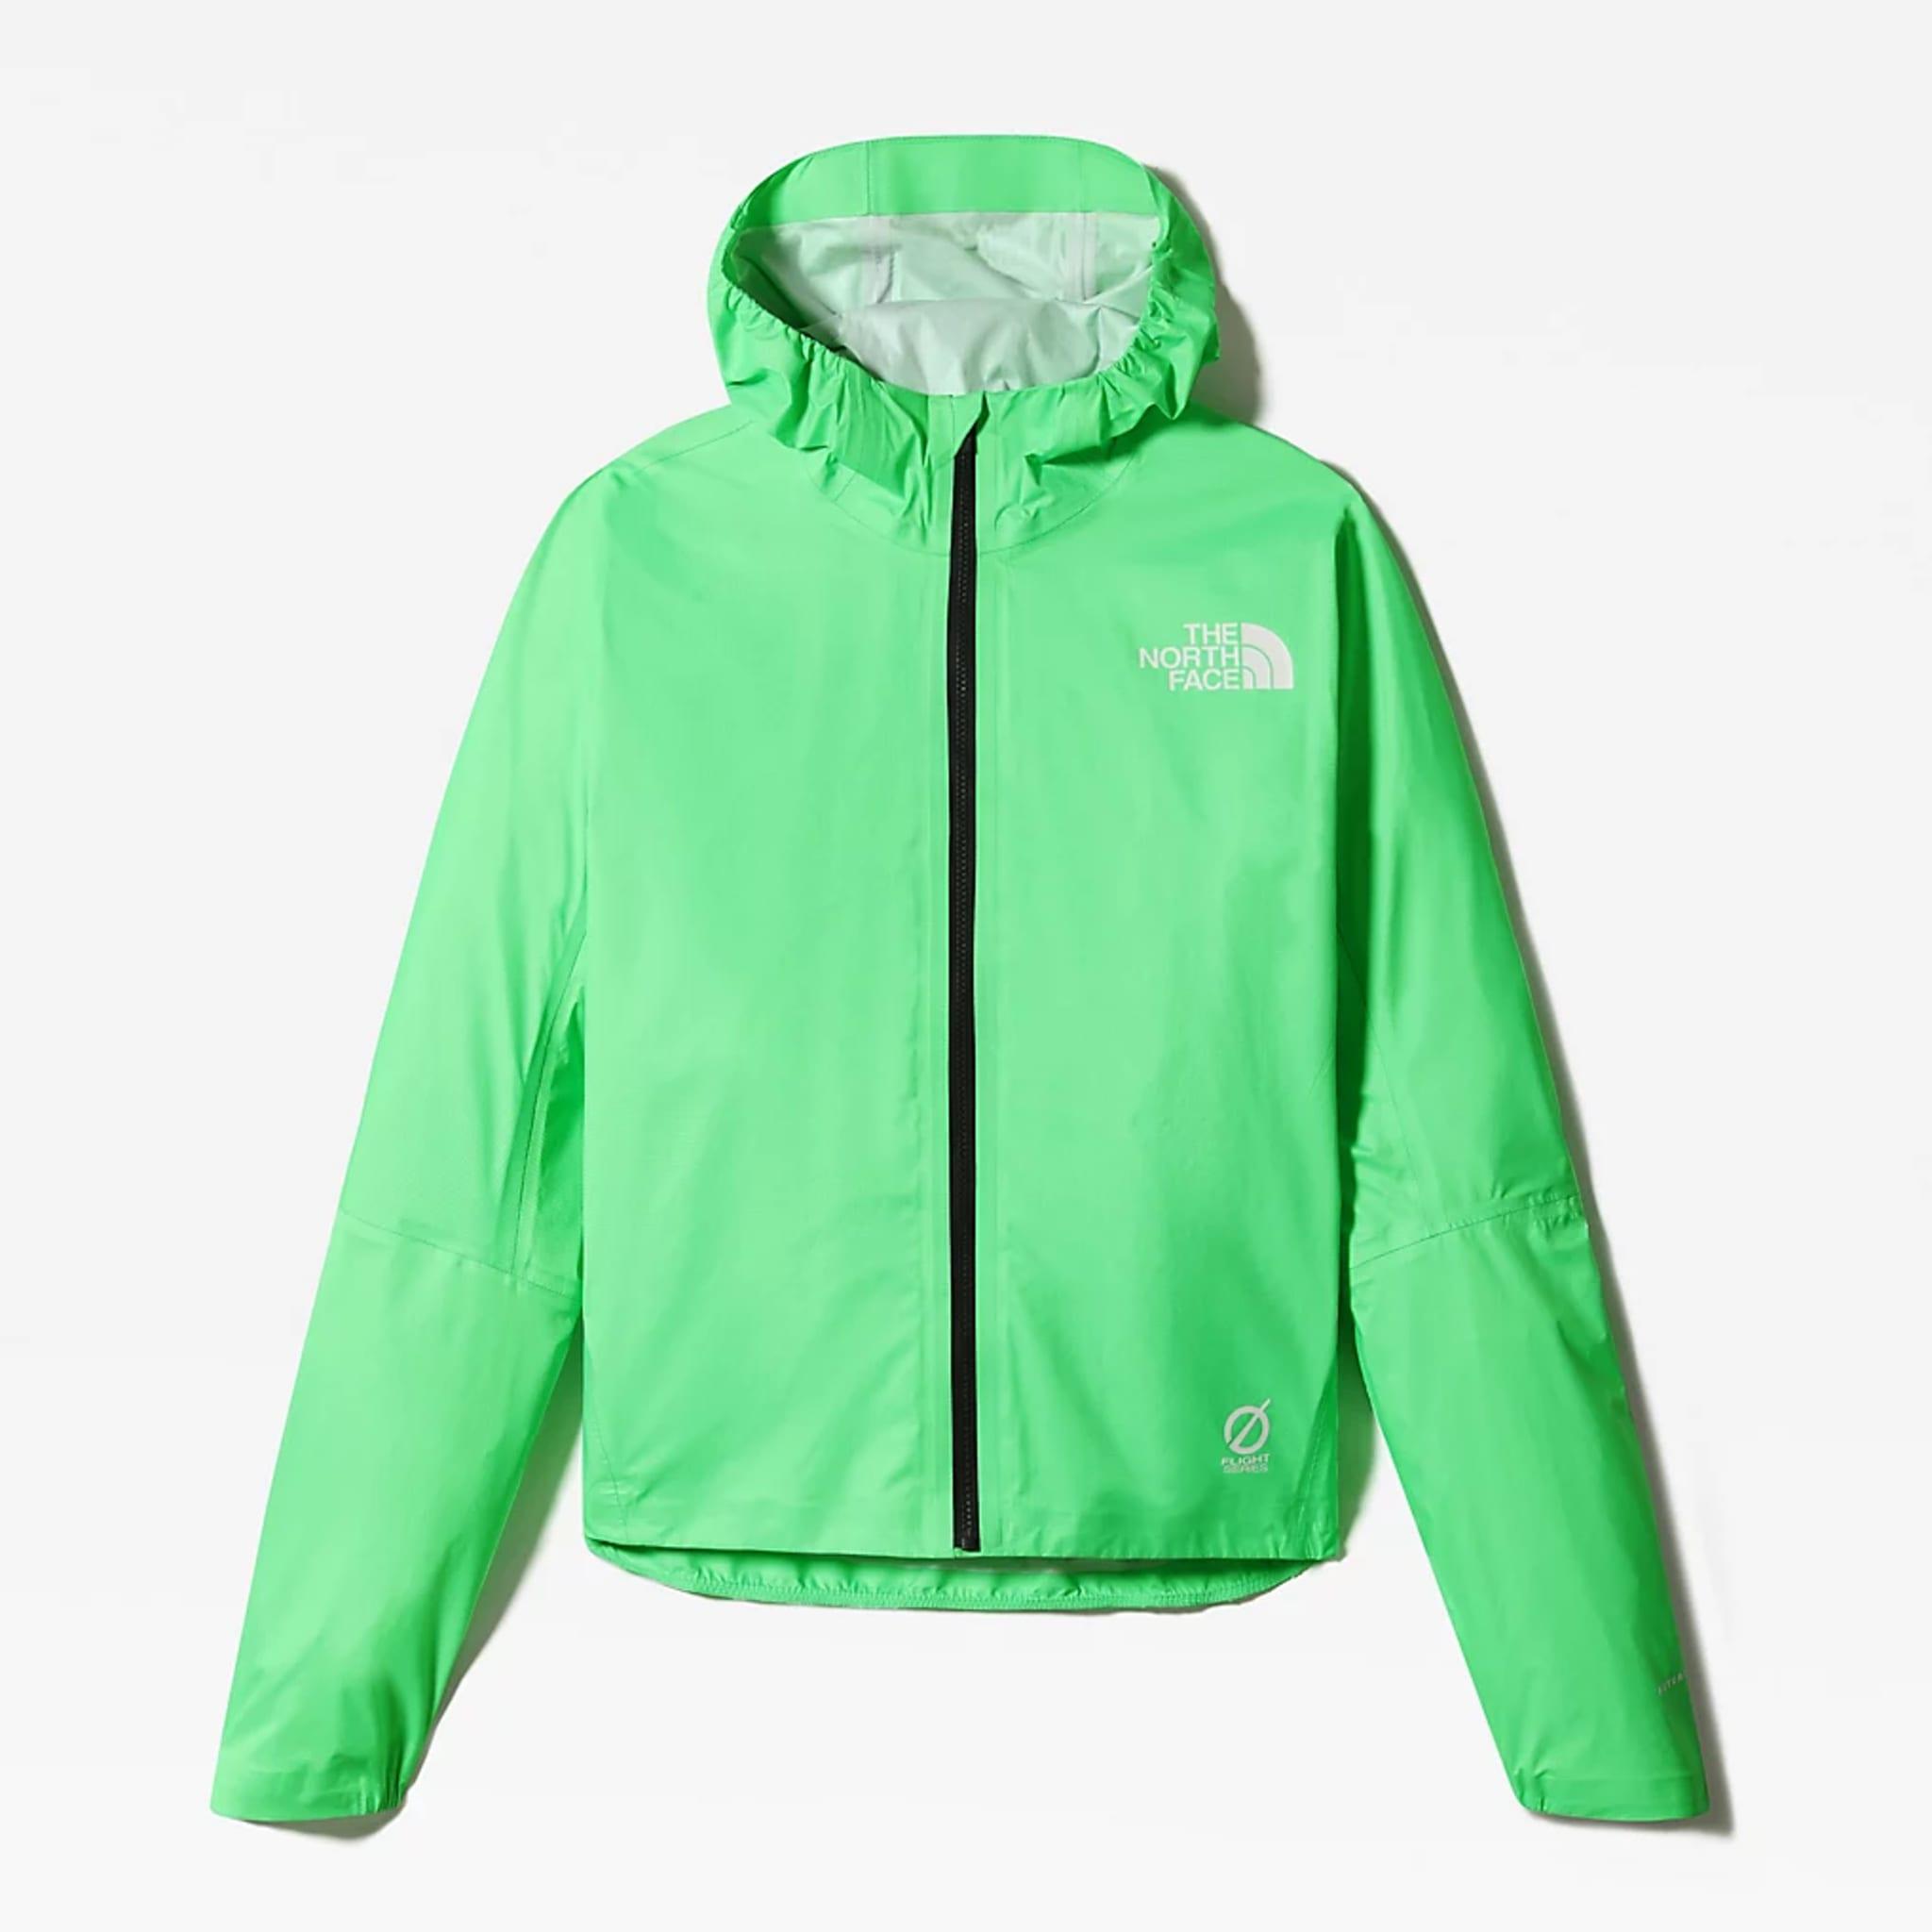 antastisk behagelig og lett jakke fra North Face for de som ønsker det ypperste av løpejakken sin!